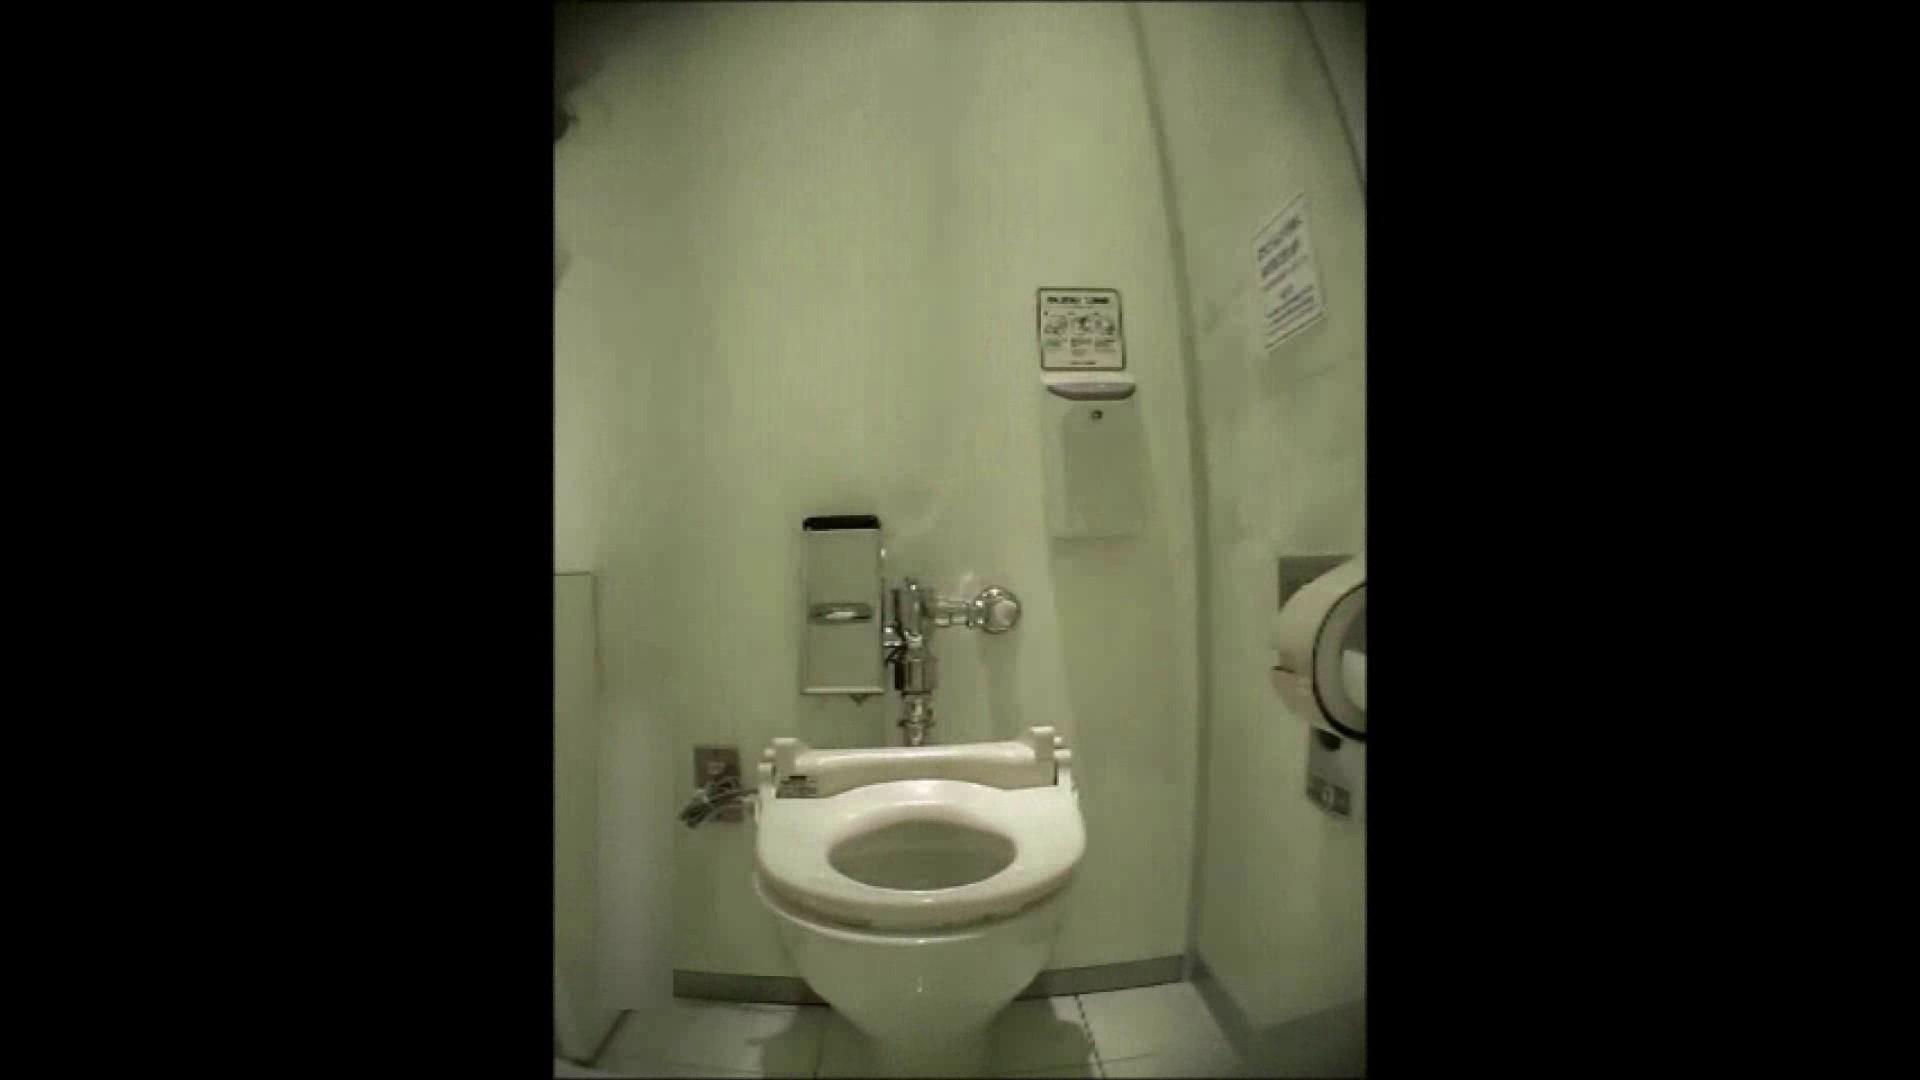 洗面所盗撮~隣の美人お姉さんVol.16 お漏らし 隠し撮りすけべAV動画紹介 95画像 8